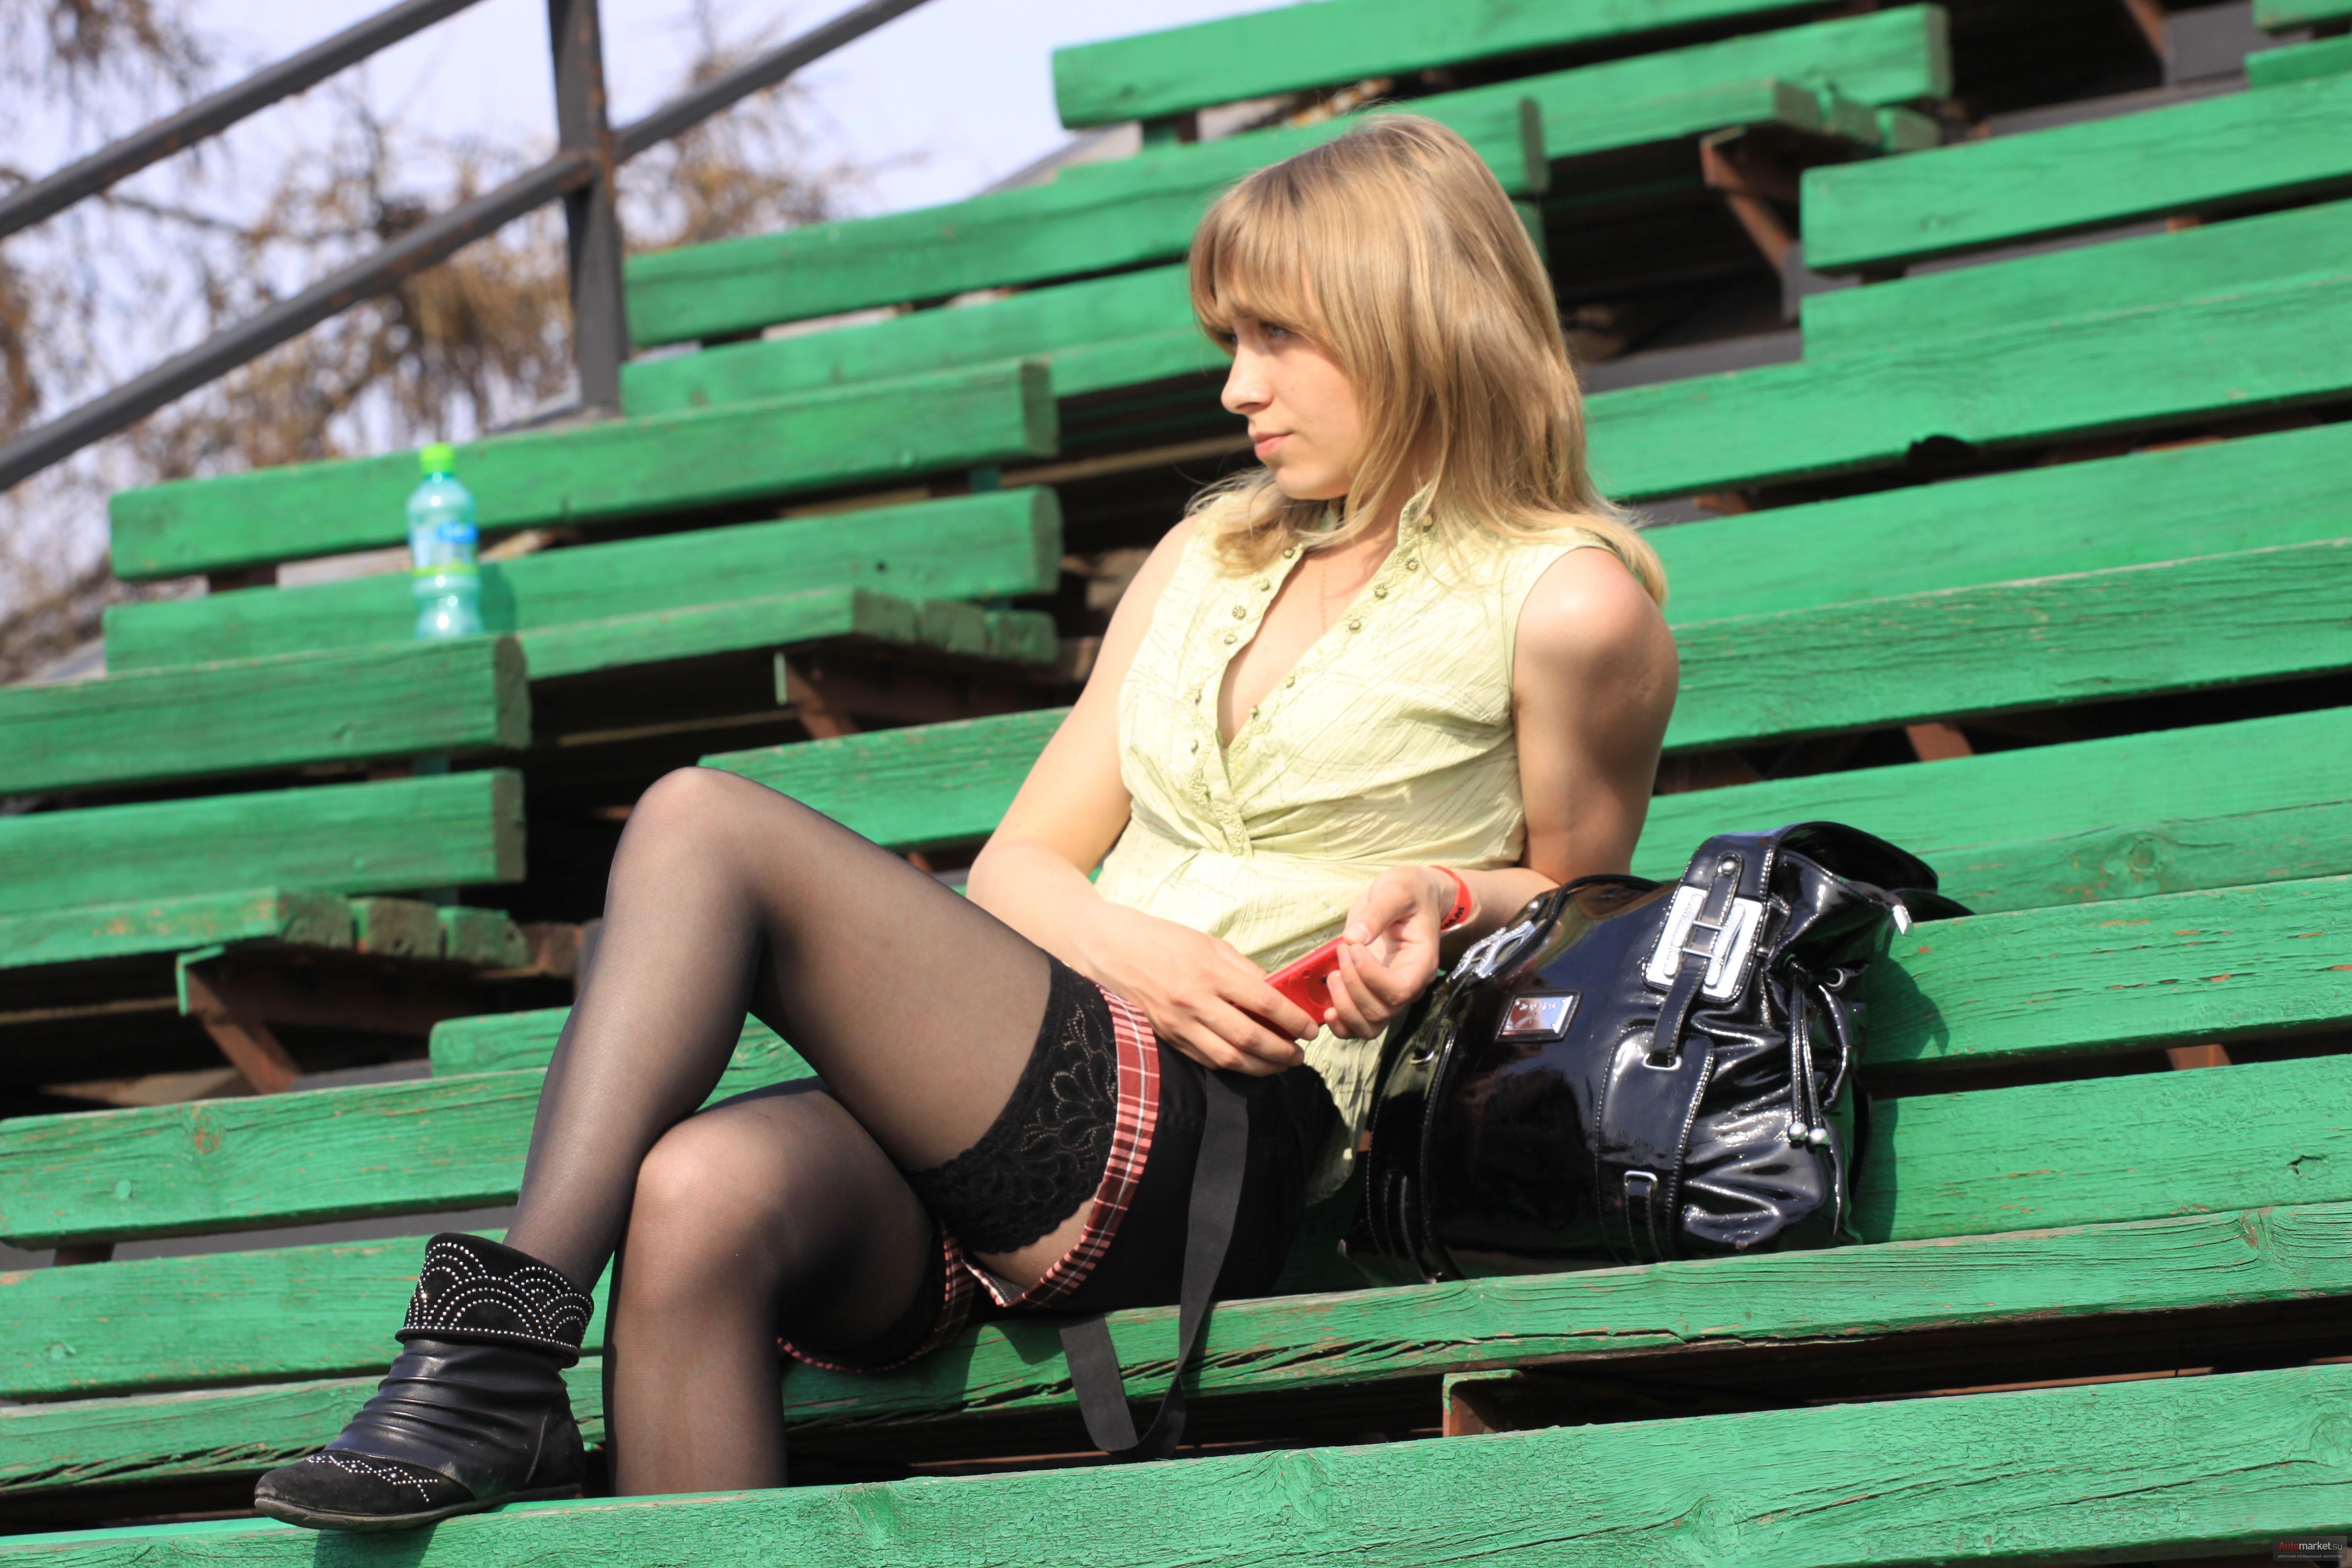 Фото иркутск девушек 12 фотография